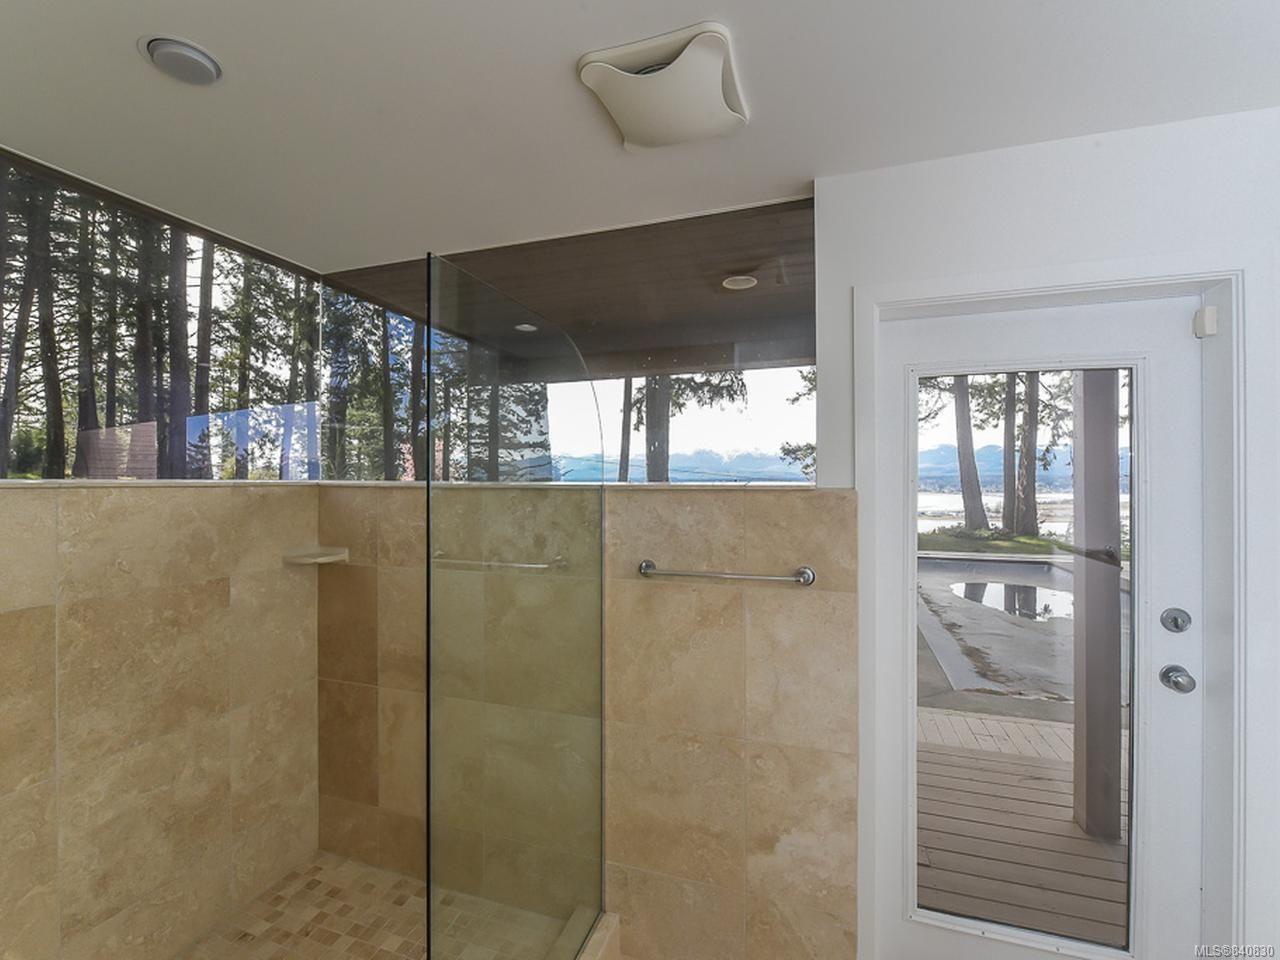 Photo 30: Photos: 1156 Moore Rd in COMOX: CV Comox Peninsula House for sale (Comox Valley)  : MLS®# 840830